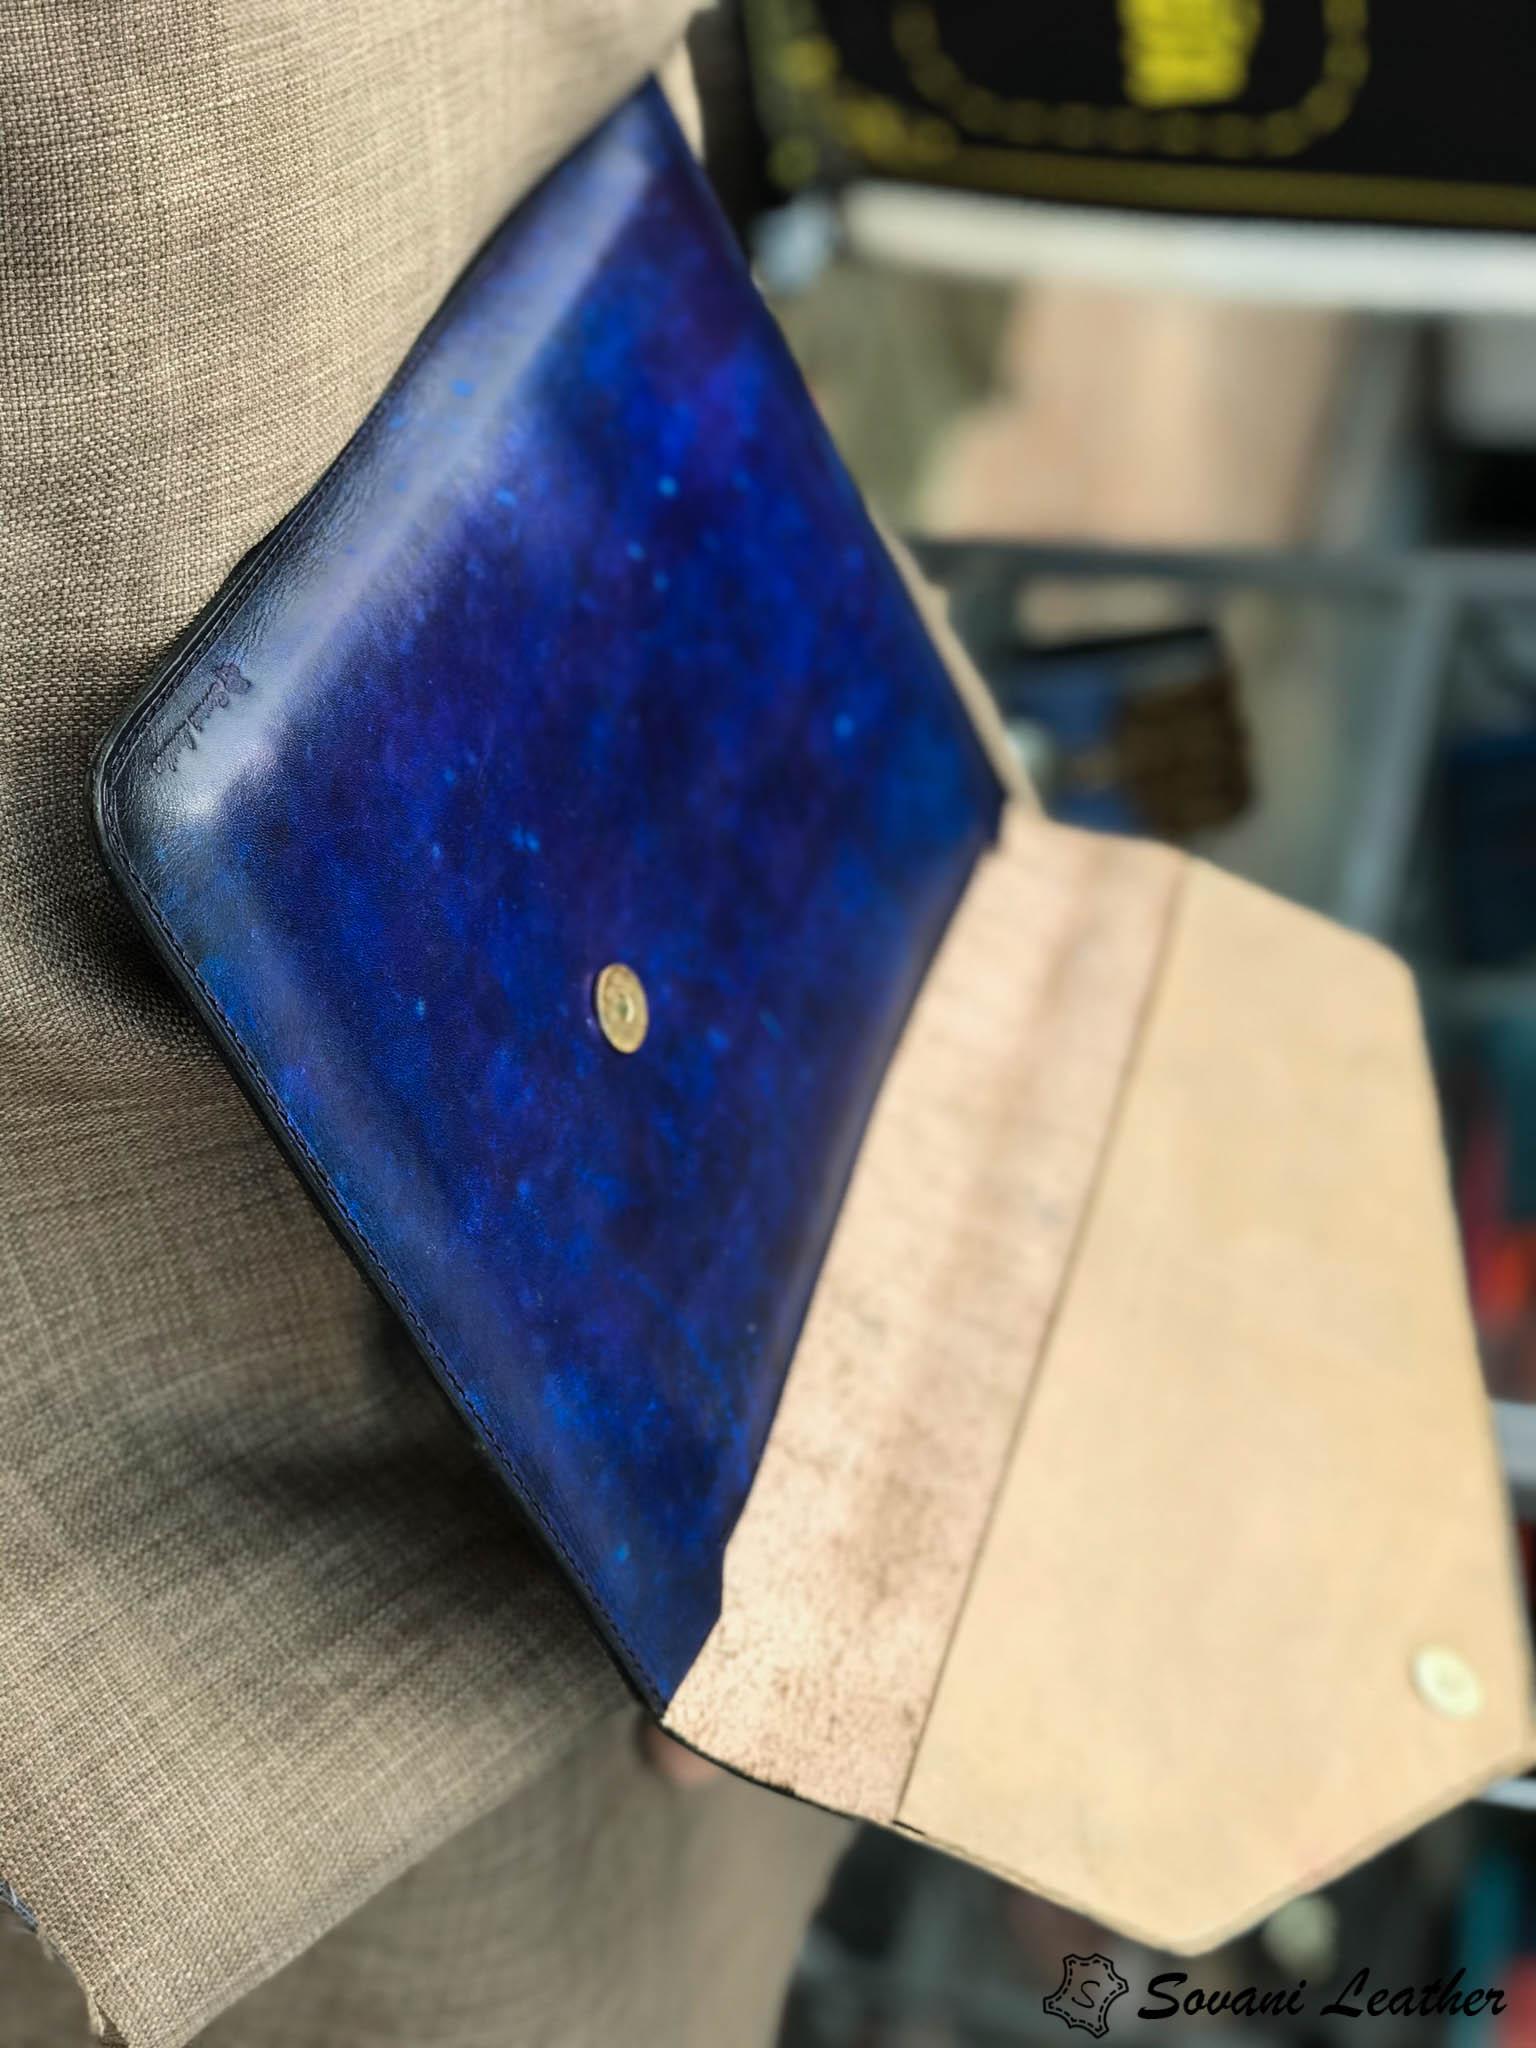 Bao da Macbook – Laptop – Surface – Ipad – table tap patina Xanh navy độc lạ 19